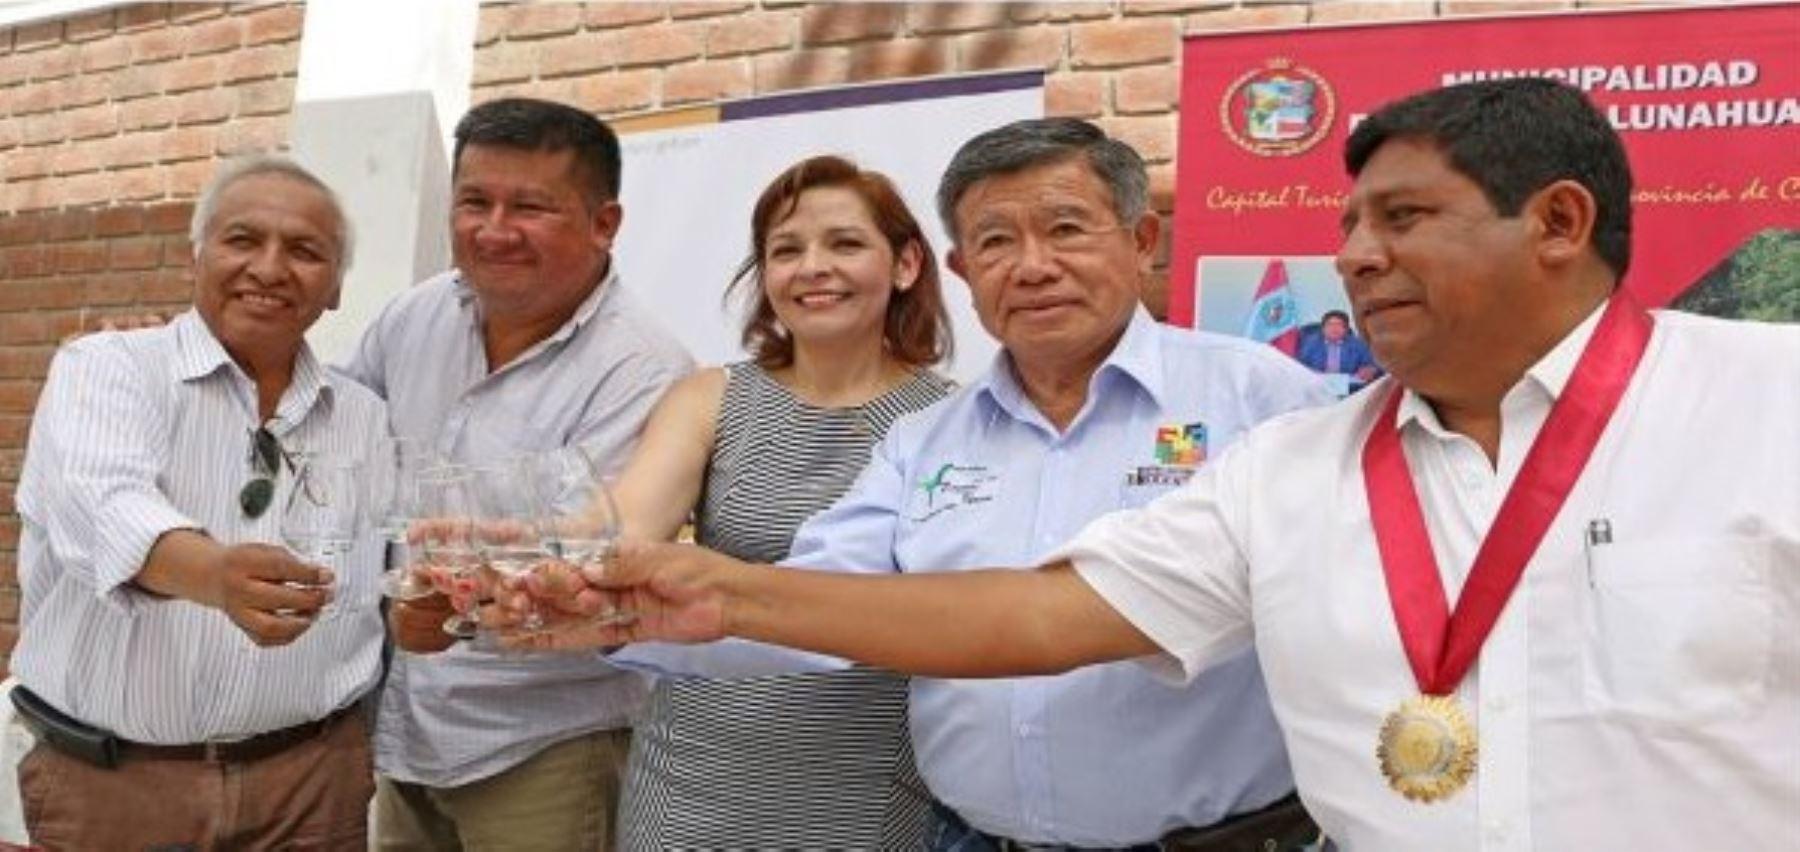 Con el propósito de elevar la producción de vinos y piscos en el distrito de Lunahuaná, provincia de Cañete, con fines de exportación, el Gobierno Regional de Lima acordó establecer una relación de cooperación con diversas instituciones públicas y el sector privado.